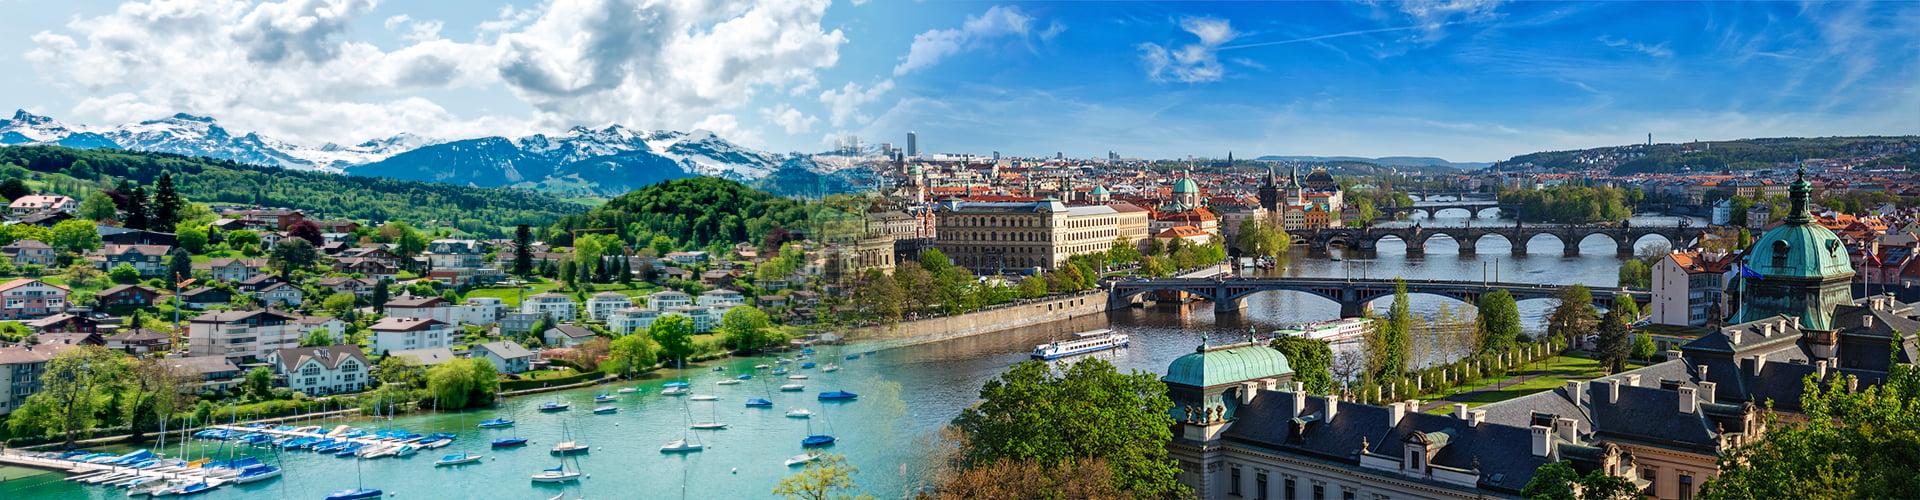 Чехия+Швейцария eurostudy